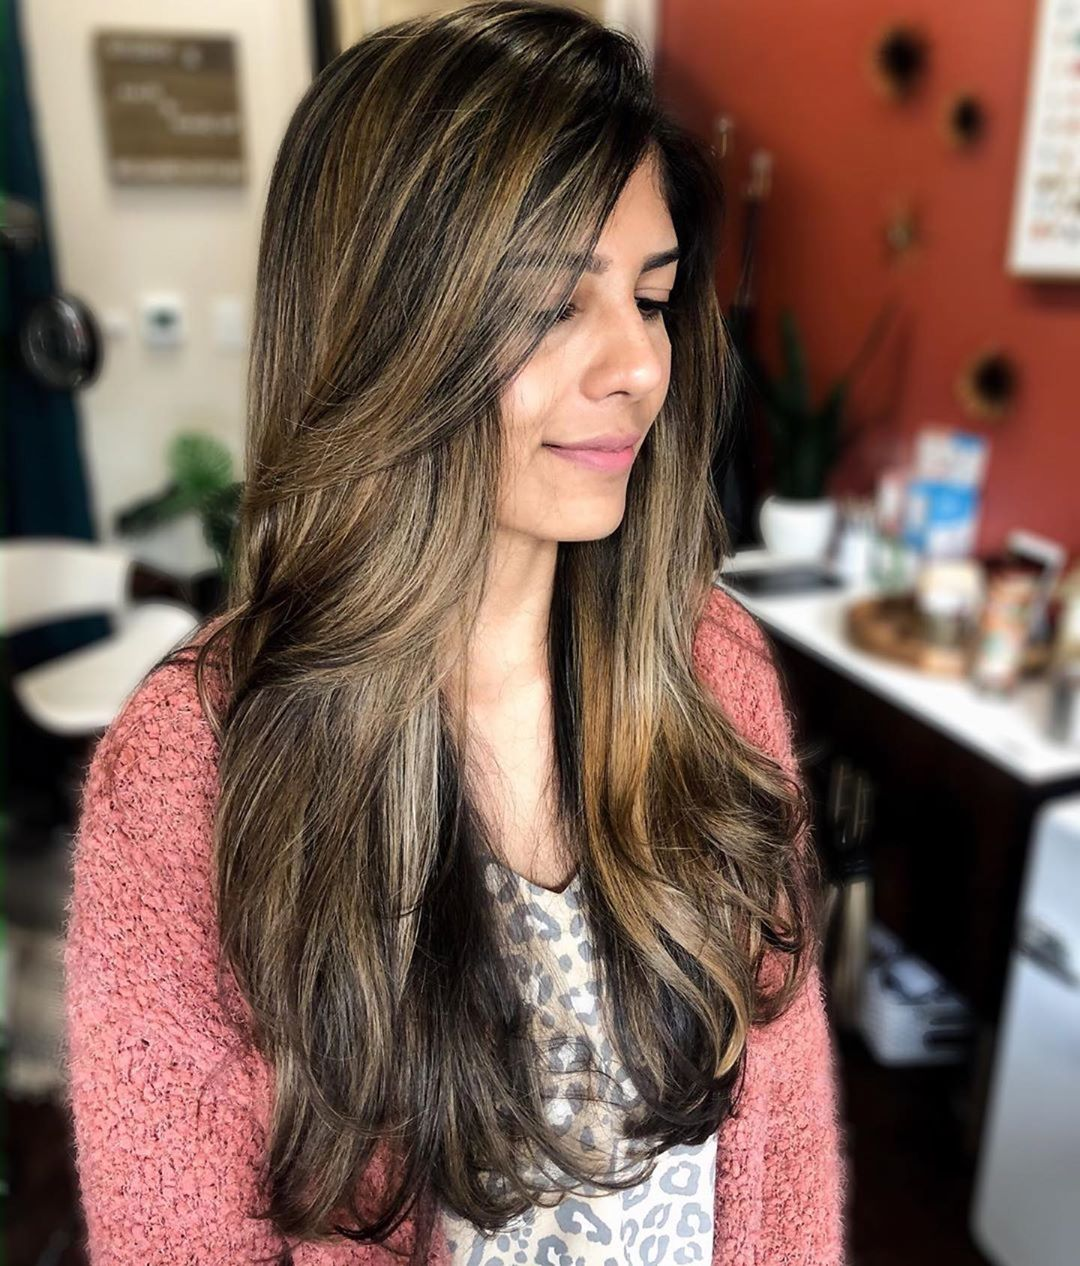 150 Gambar Model Gaya Rambut Panjang Wanita Terbaru 2020